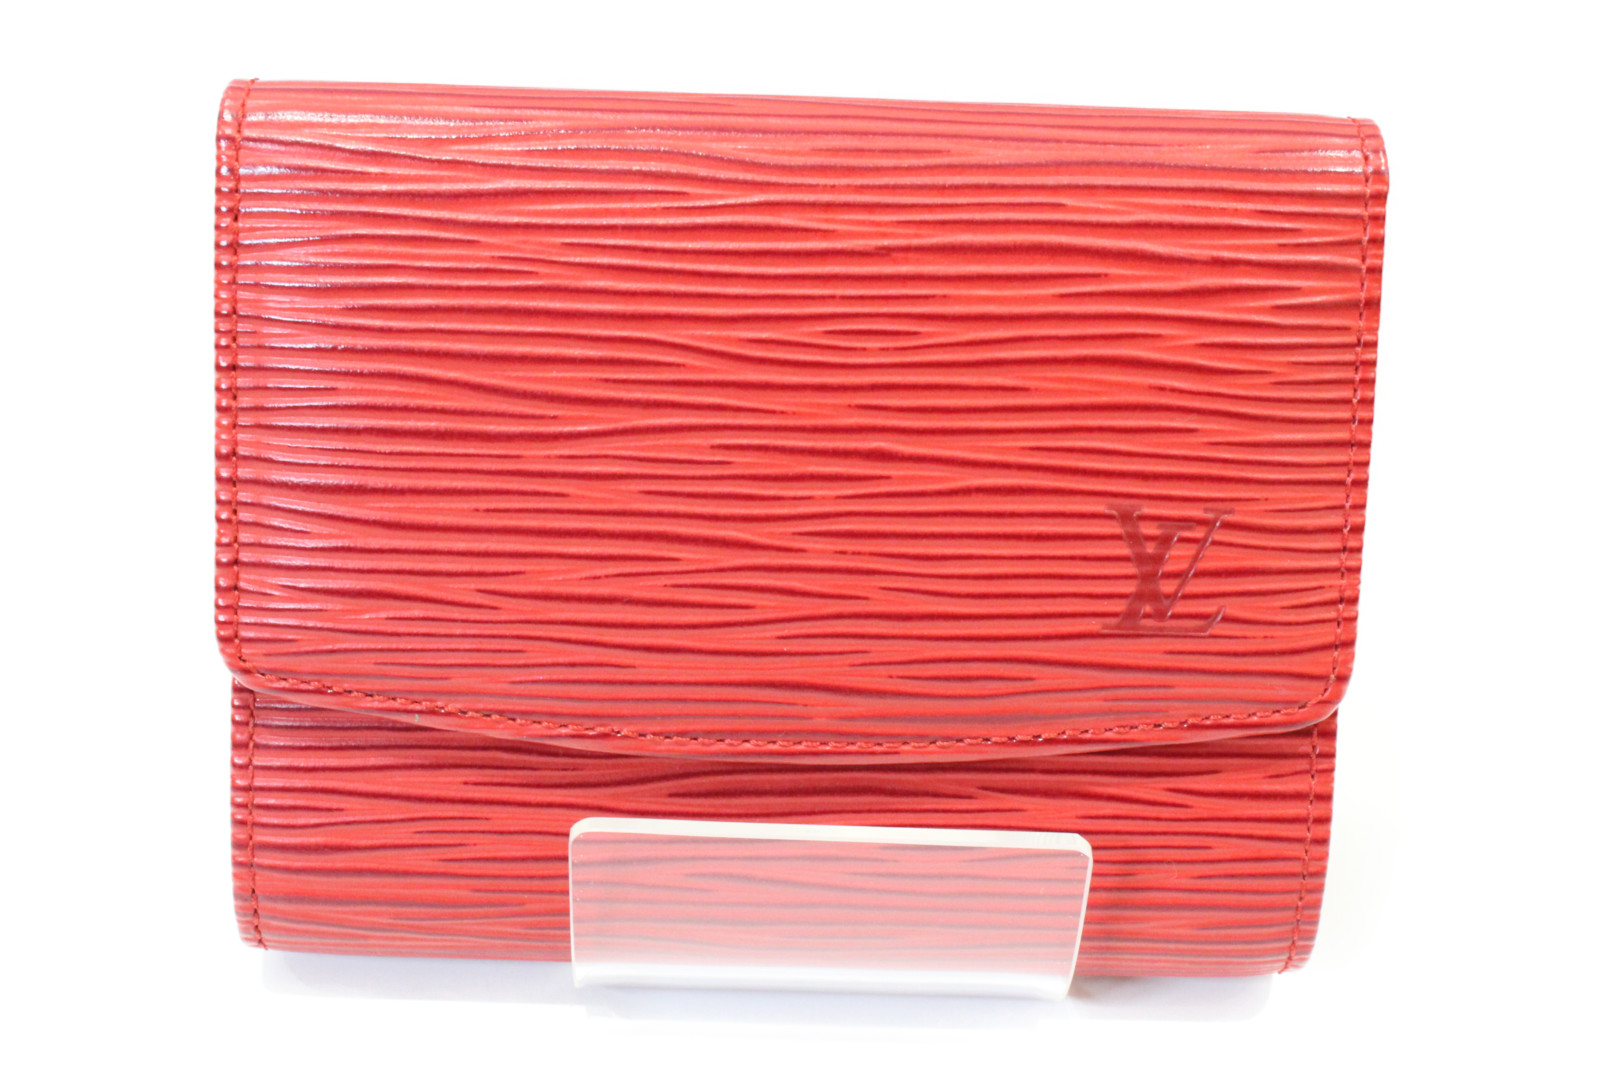 LOUIS VUITTON ルイヴィトンポルトカルトクレディ M63477エピ 赤 カード入プレゼント包装可 【中古】